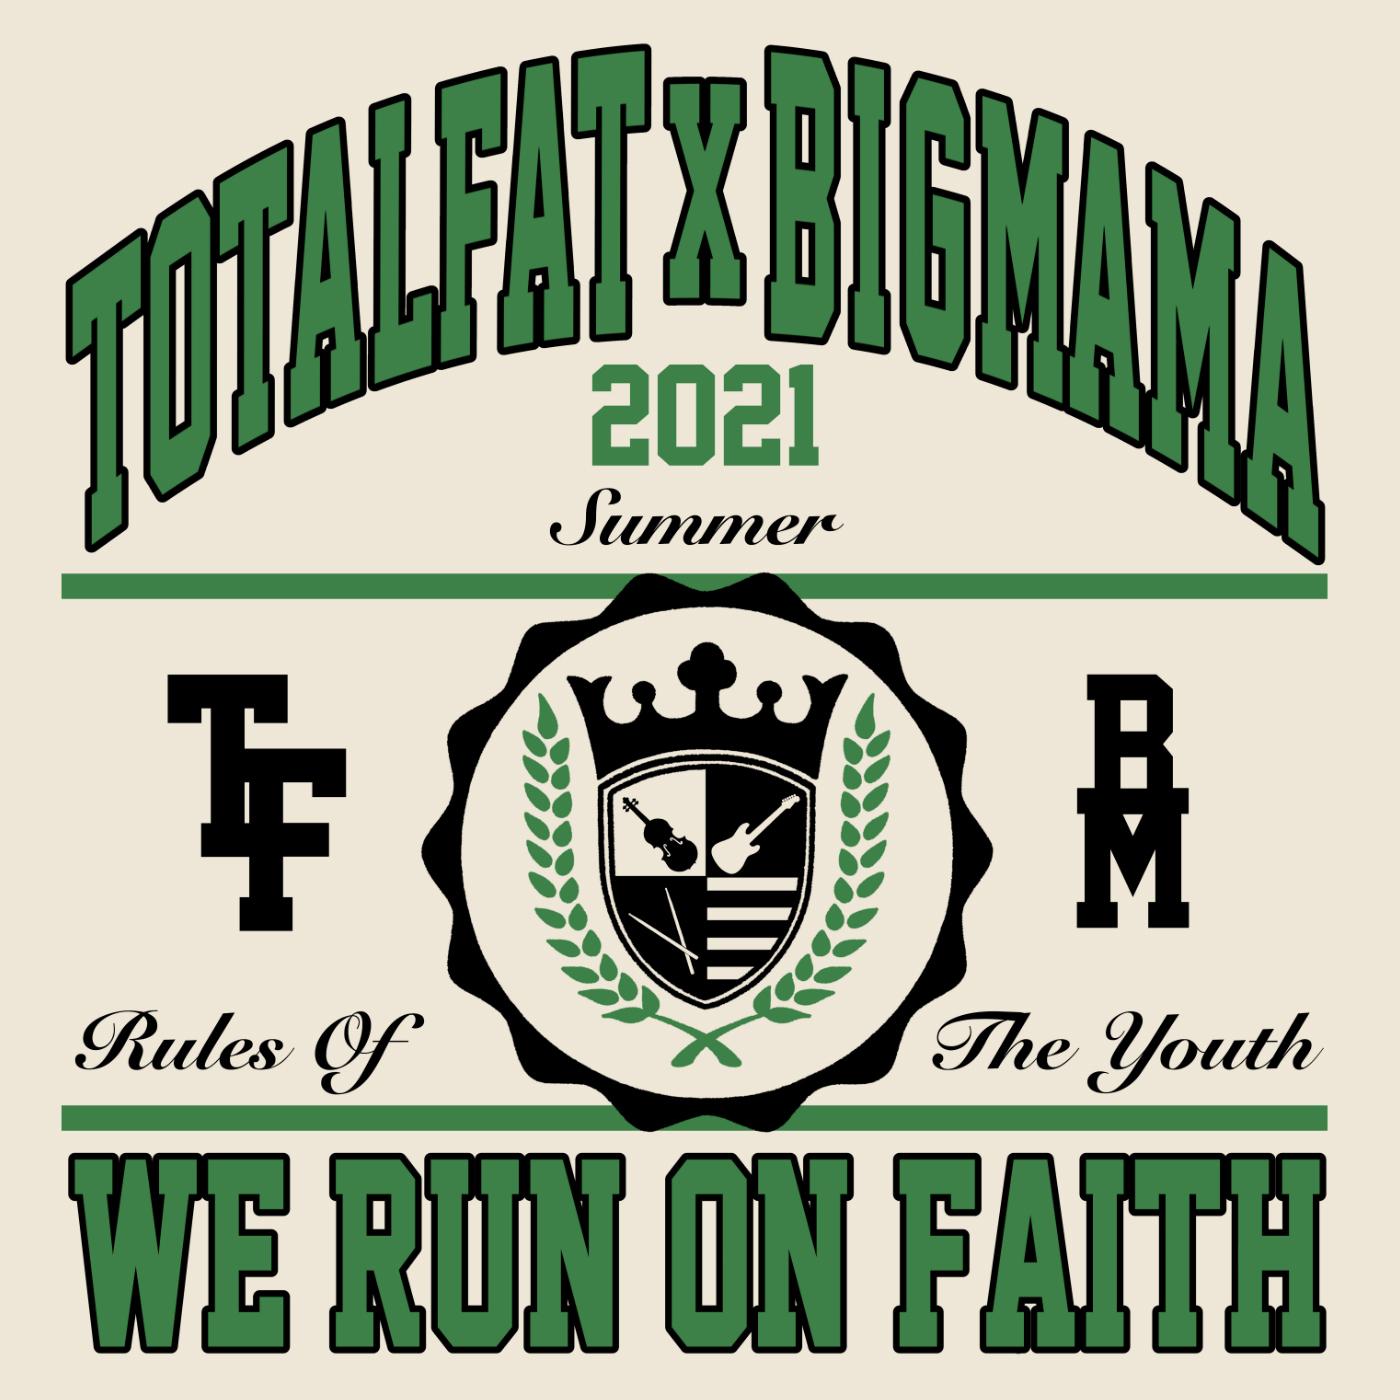 Totalfat-x-bigmama-%e3%82%b7%e3%82%99%e3%83%a3%e3%82%b1%e4%b8%ad__2_